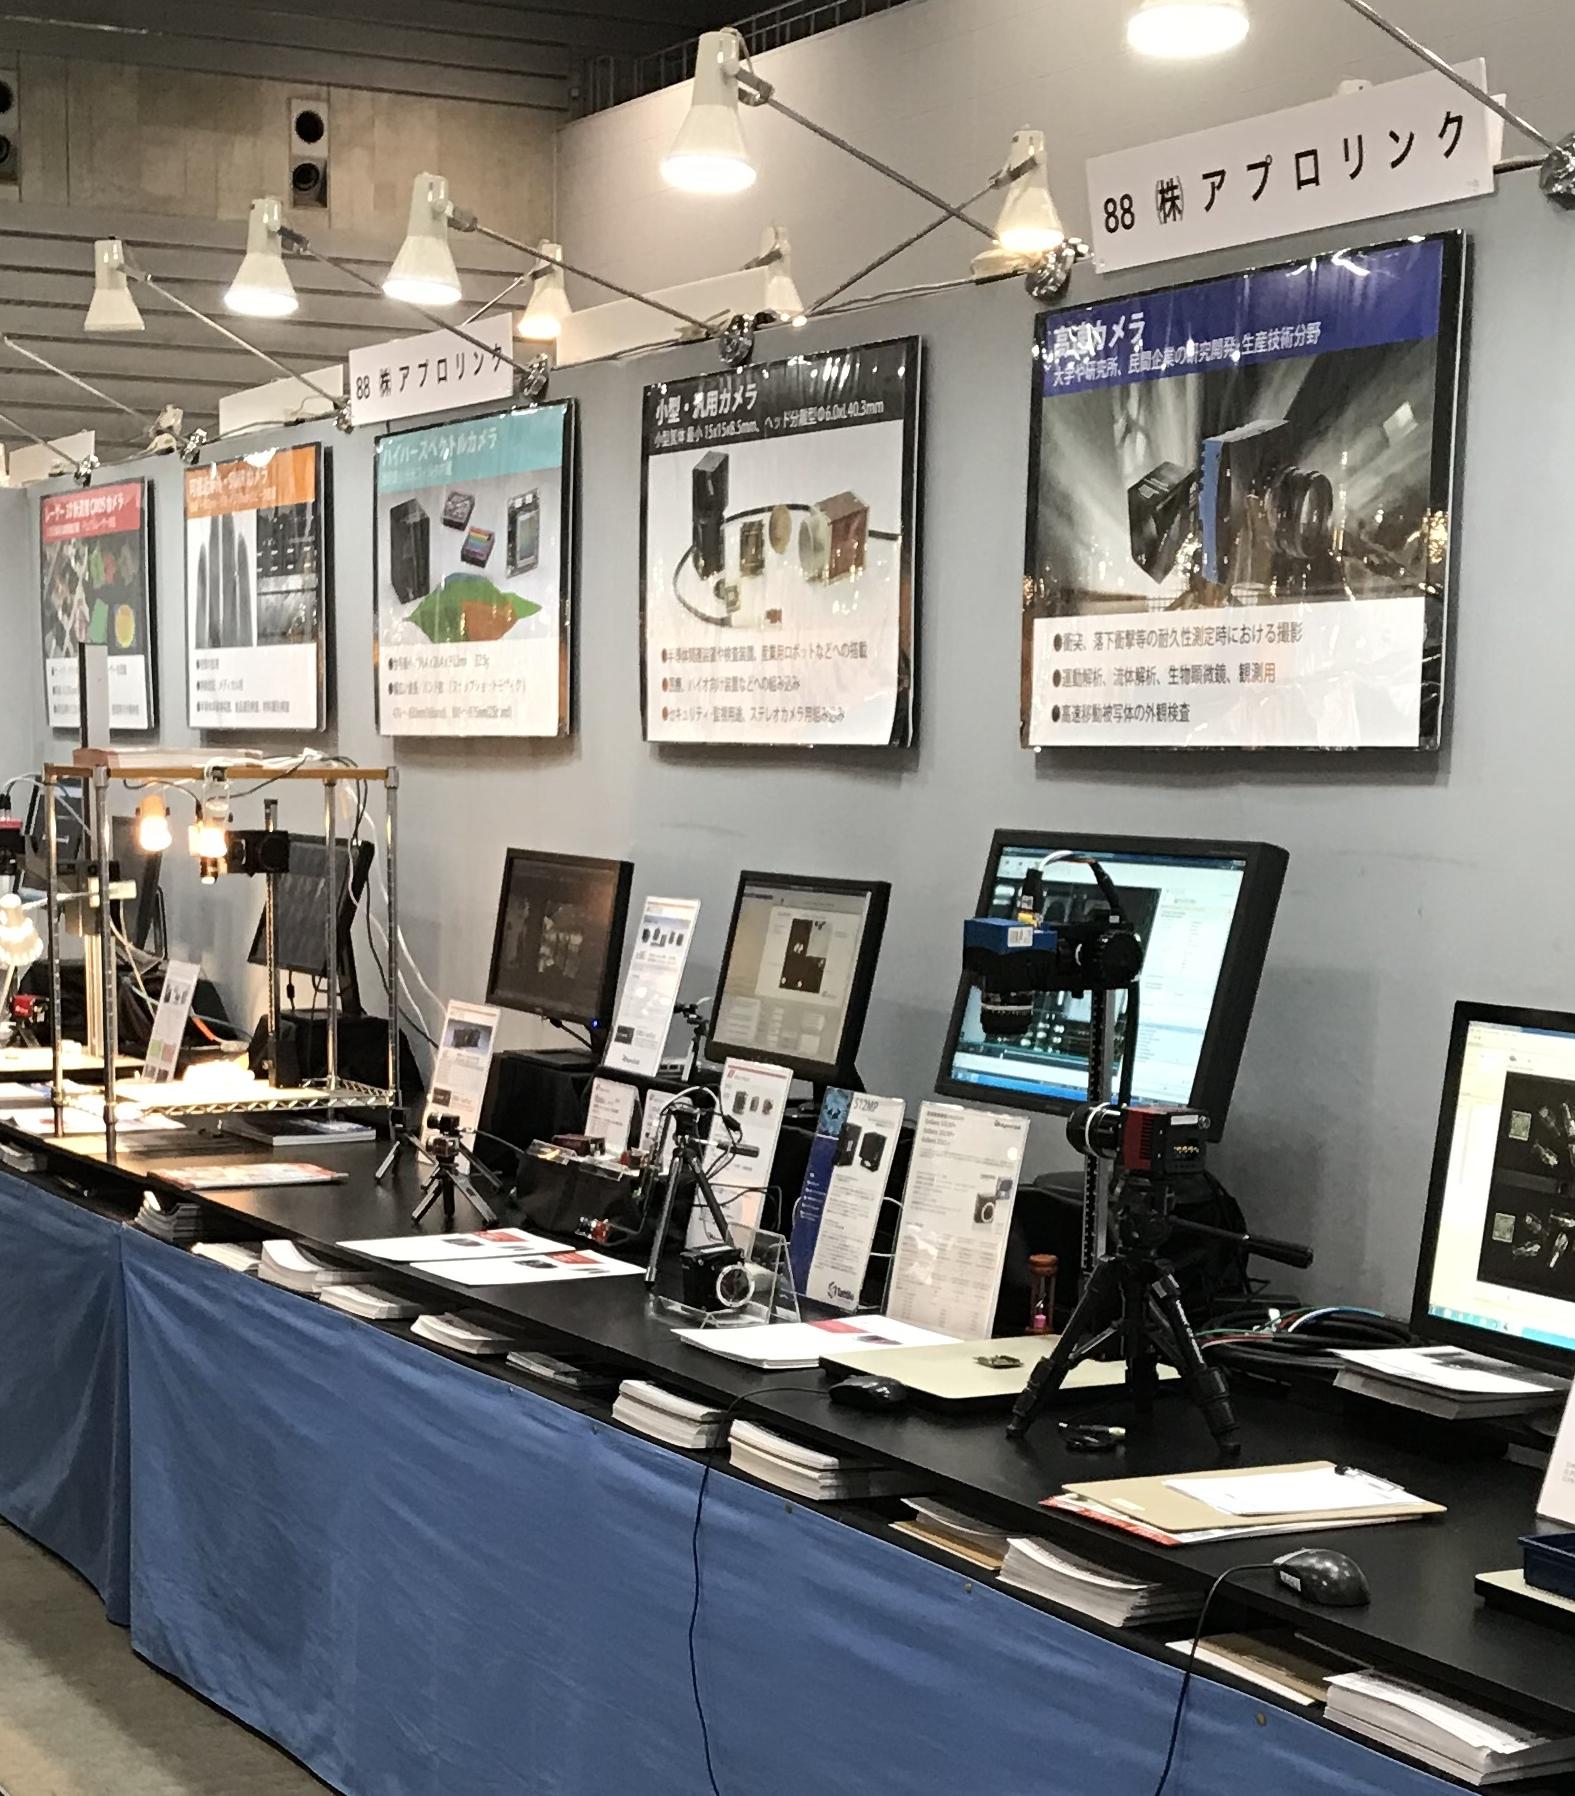 アプロリンク国際画像機器展ブース様子